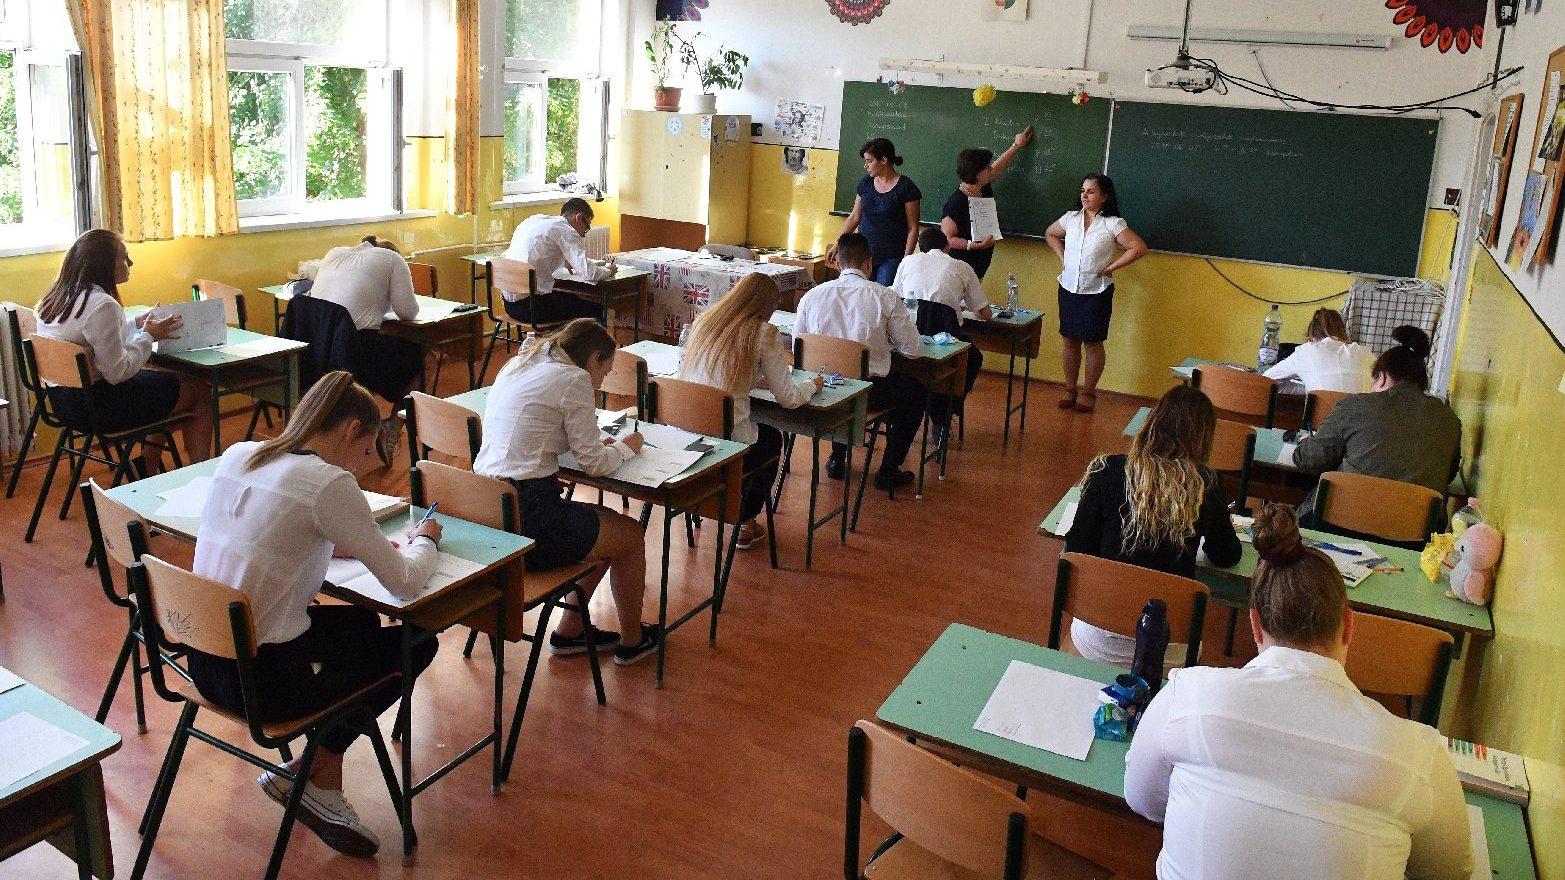 fotó felállítása az iskolában